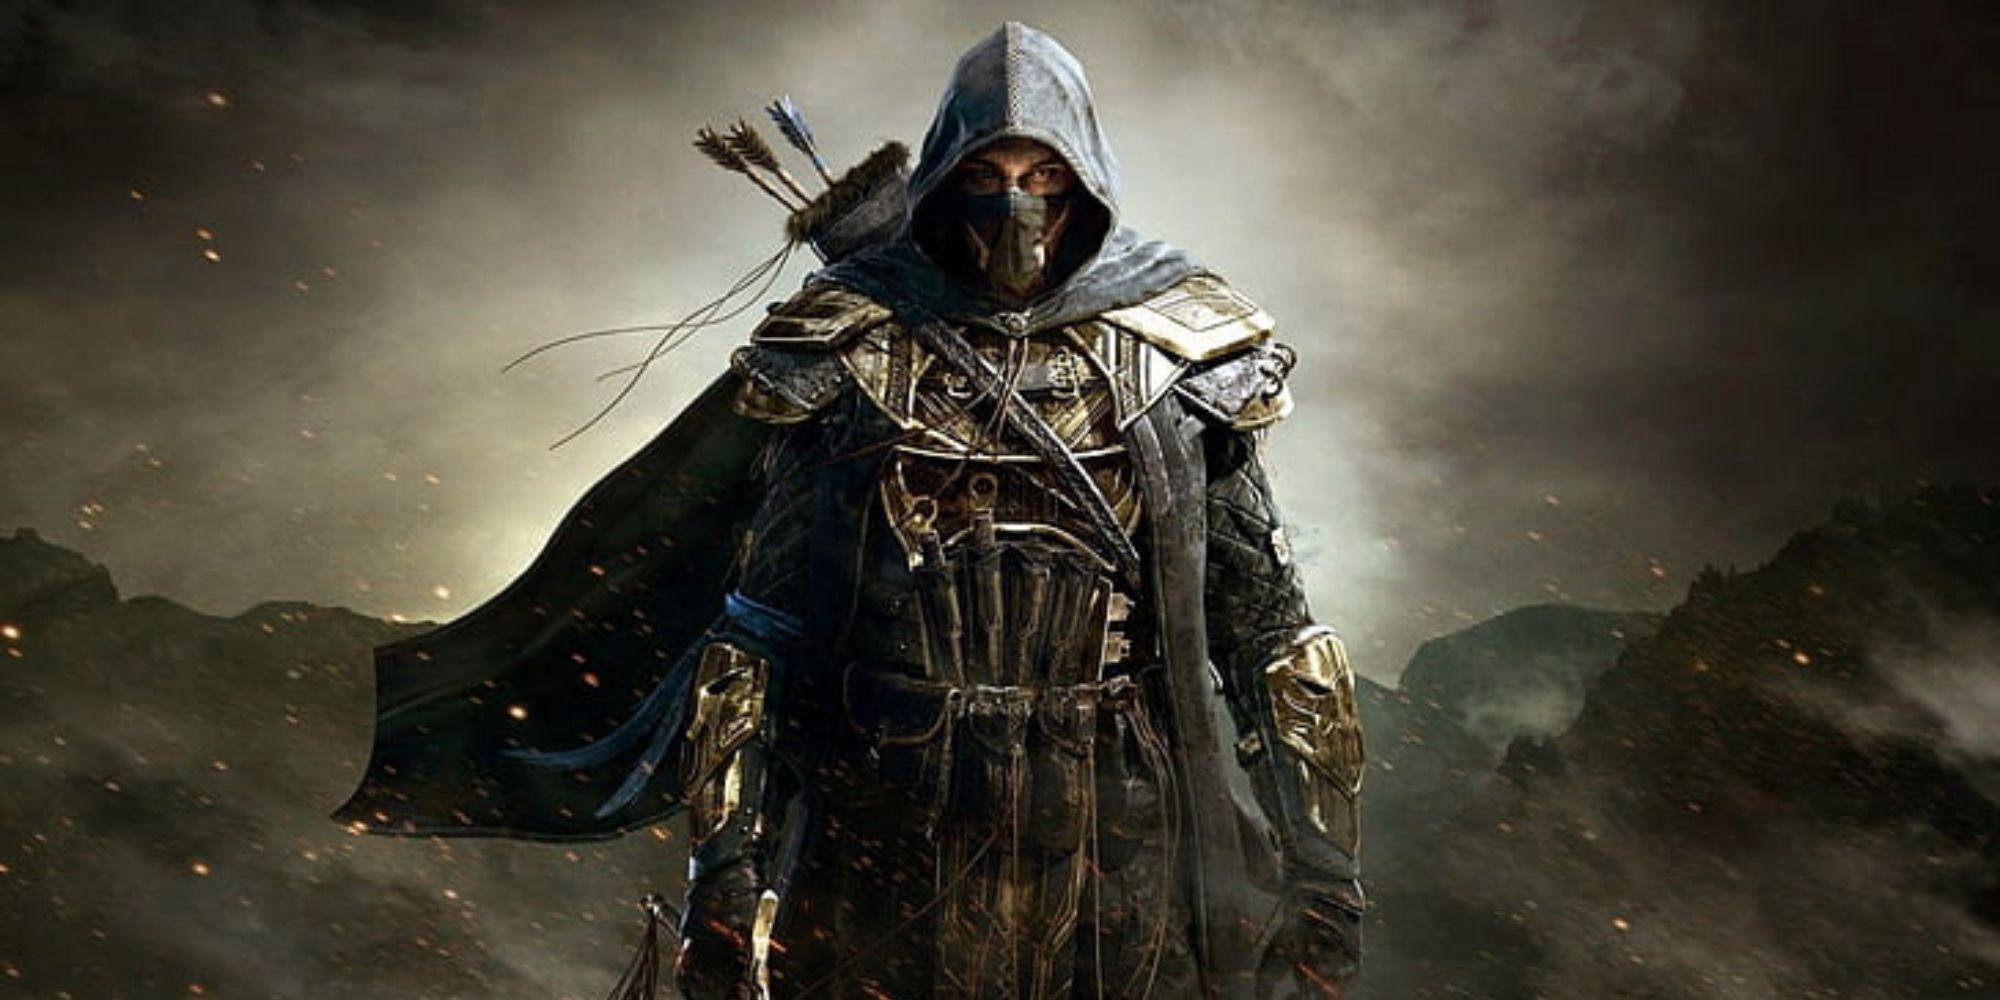 ¿Vale la pena la membresía de The Elder Scrolls Online?